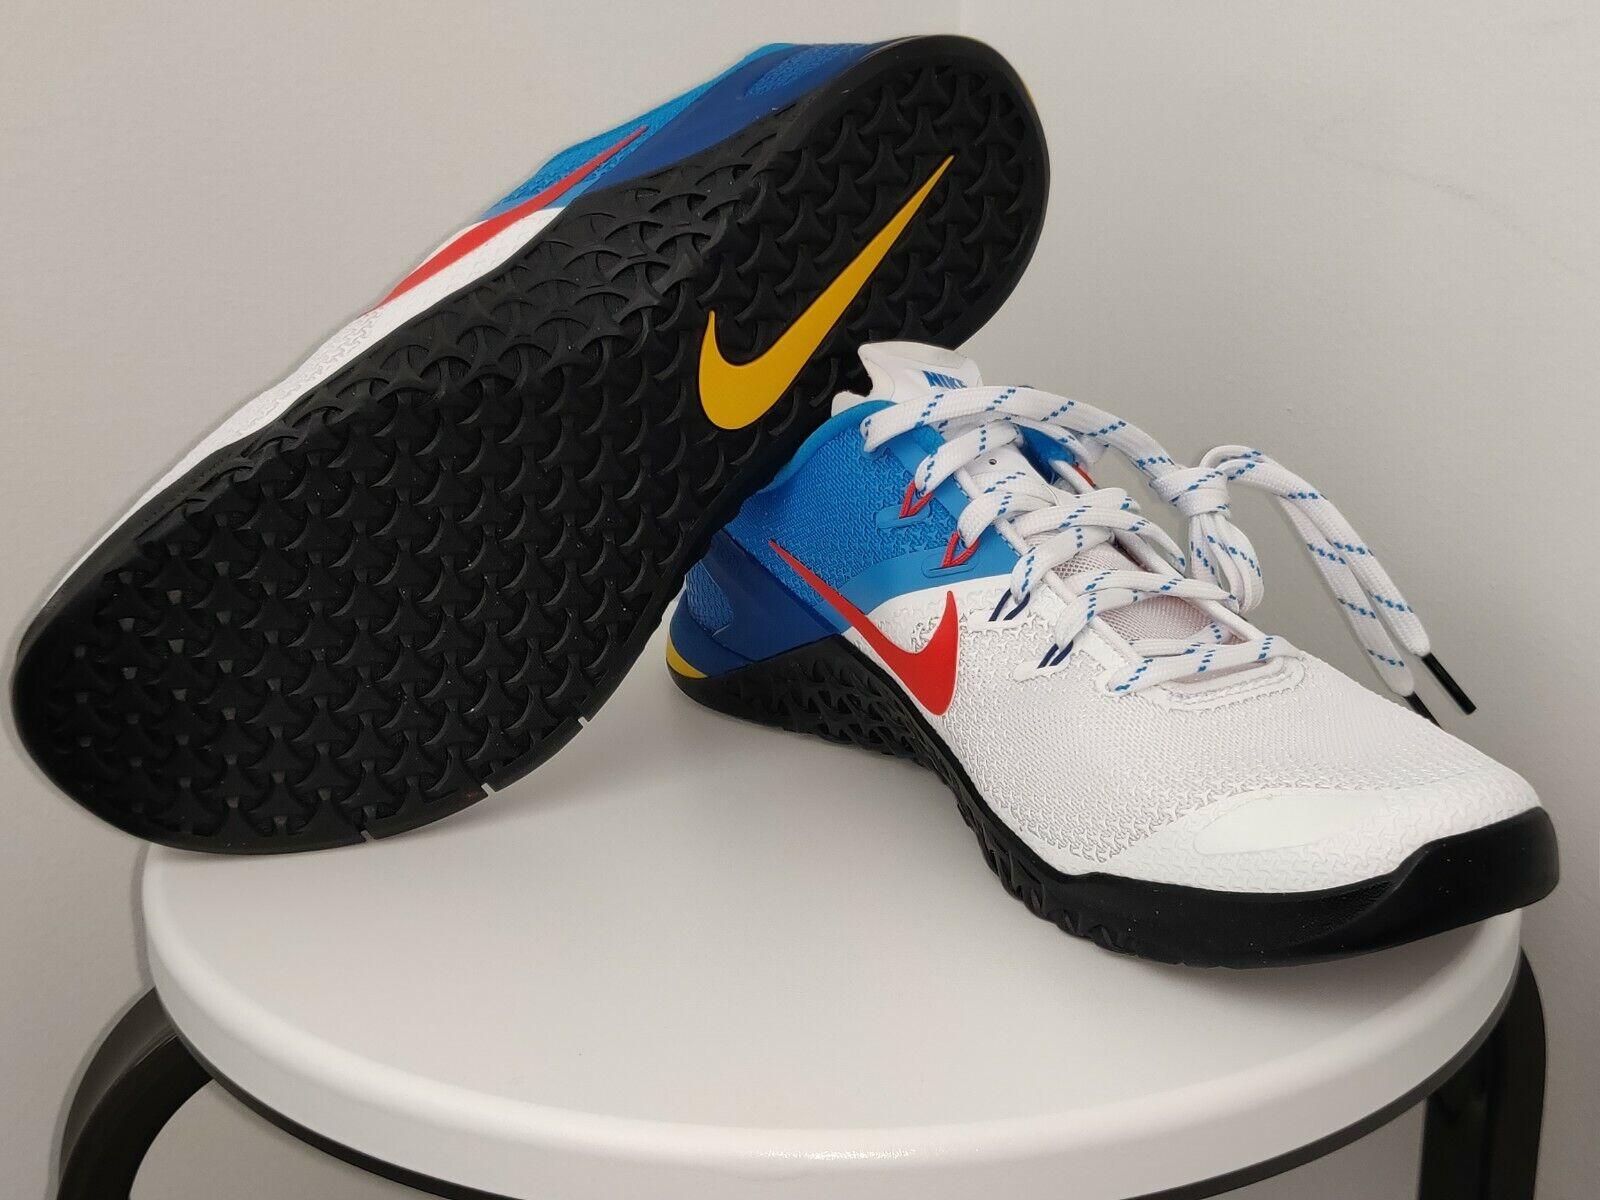 Nike Metcon 4 Talla 11 Zapatos de levantamiento de pesas Entrenamiento blancoo Naranja Azul AH7453-184